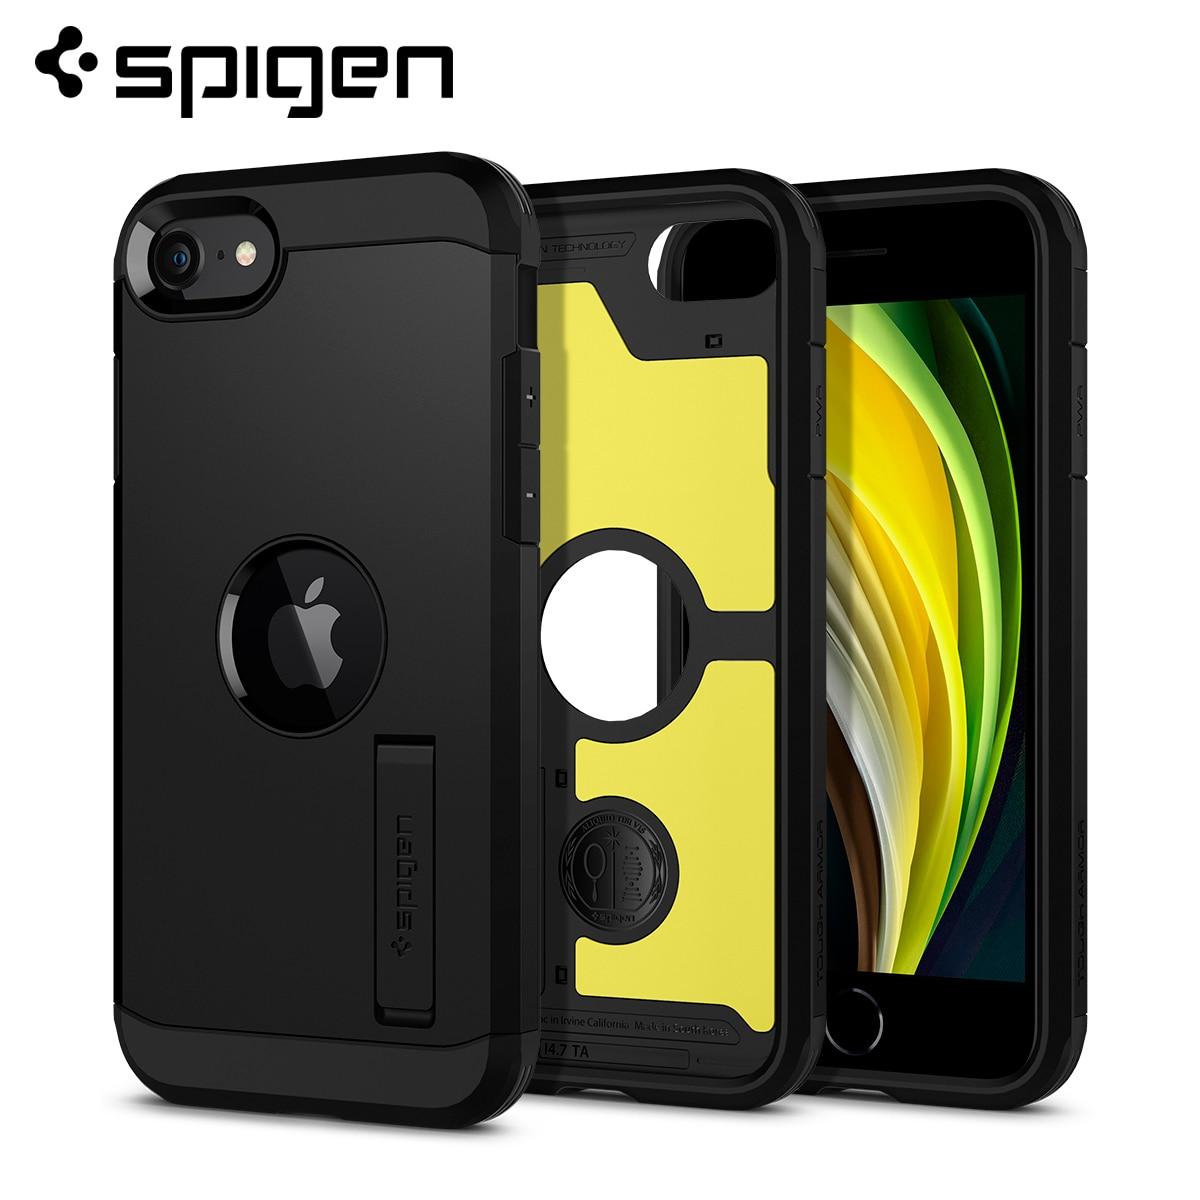 Spigen robuste armure XP étui pour iPhone SE 2020-robuste Mil-STD résistance aux chutes étuis et housses avec béquille